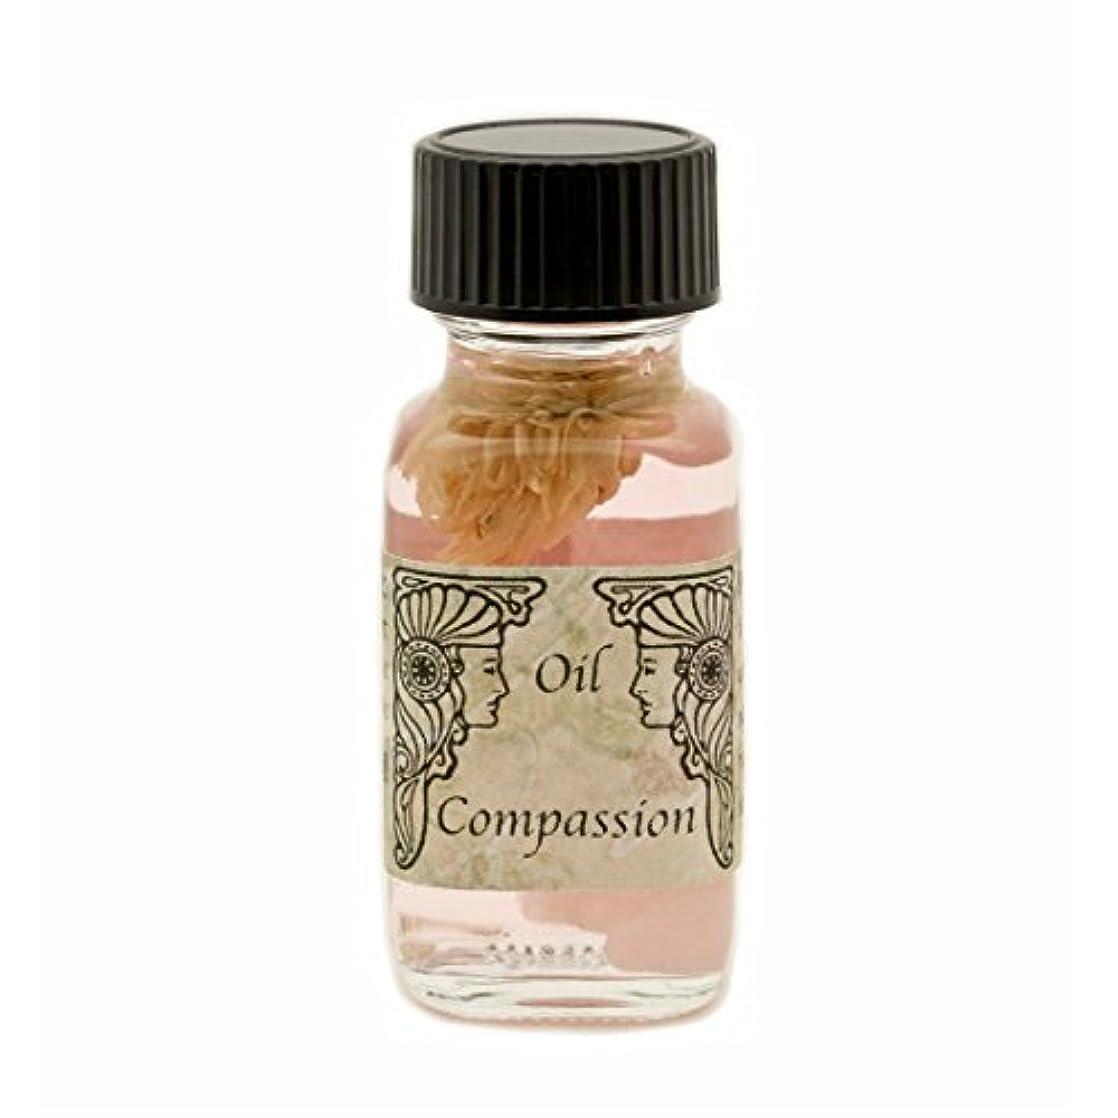 準備ができてジュラシックパーク情熱アンシェントメモリーオイル コンパッション Compassion 思いやり 2017年新作 (Ancient Memory Oils)